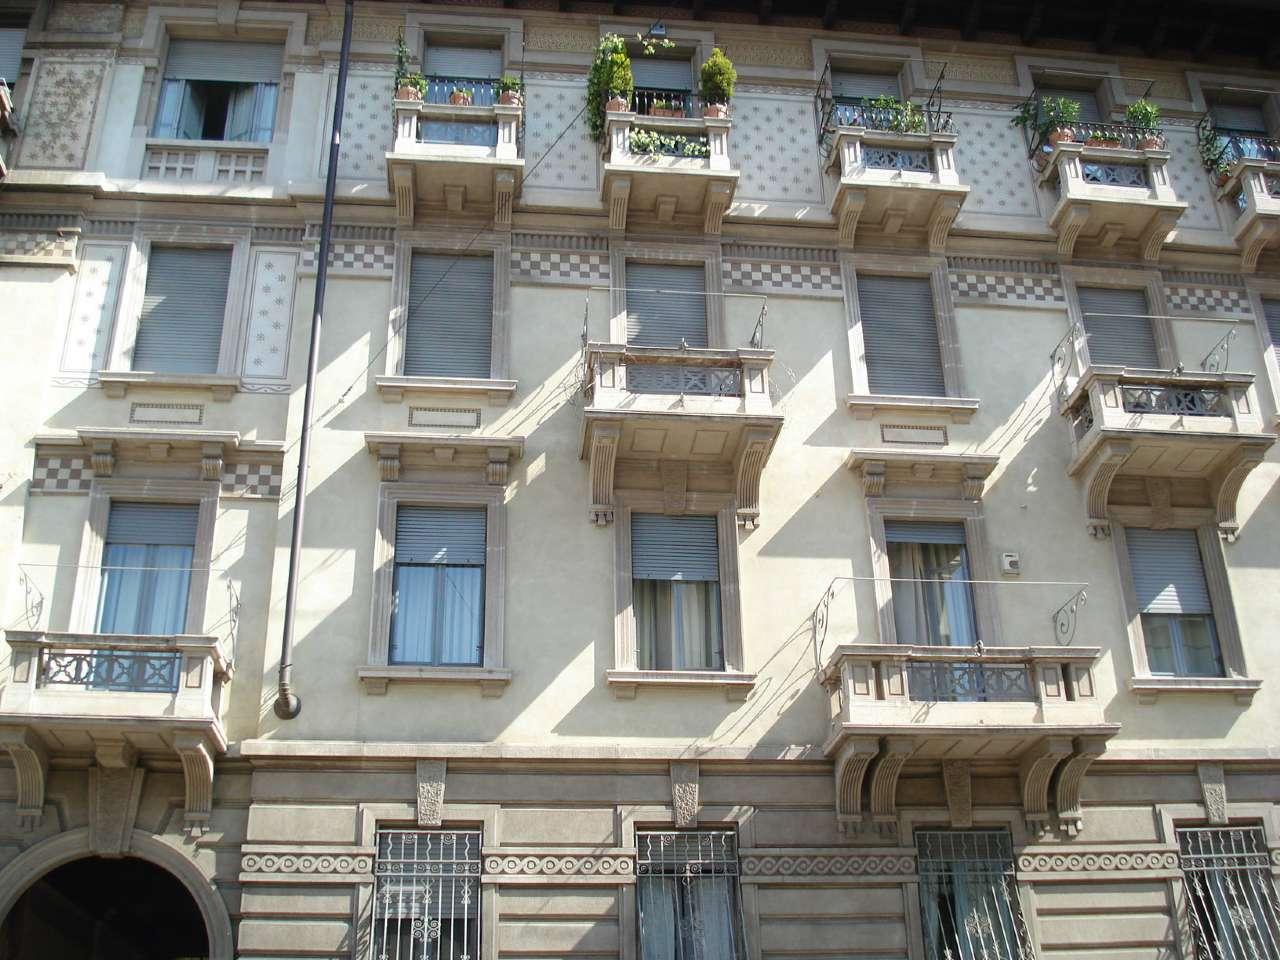 Affitto Piccolo Ufficio Milano : Uffici studi in affitto zona marghera wagner fiera a milano